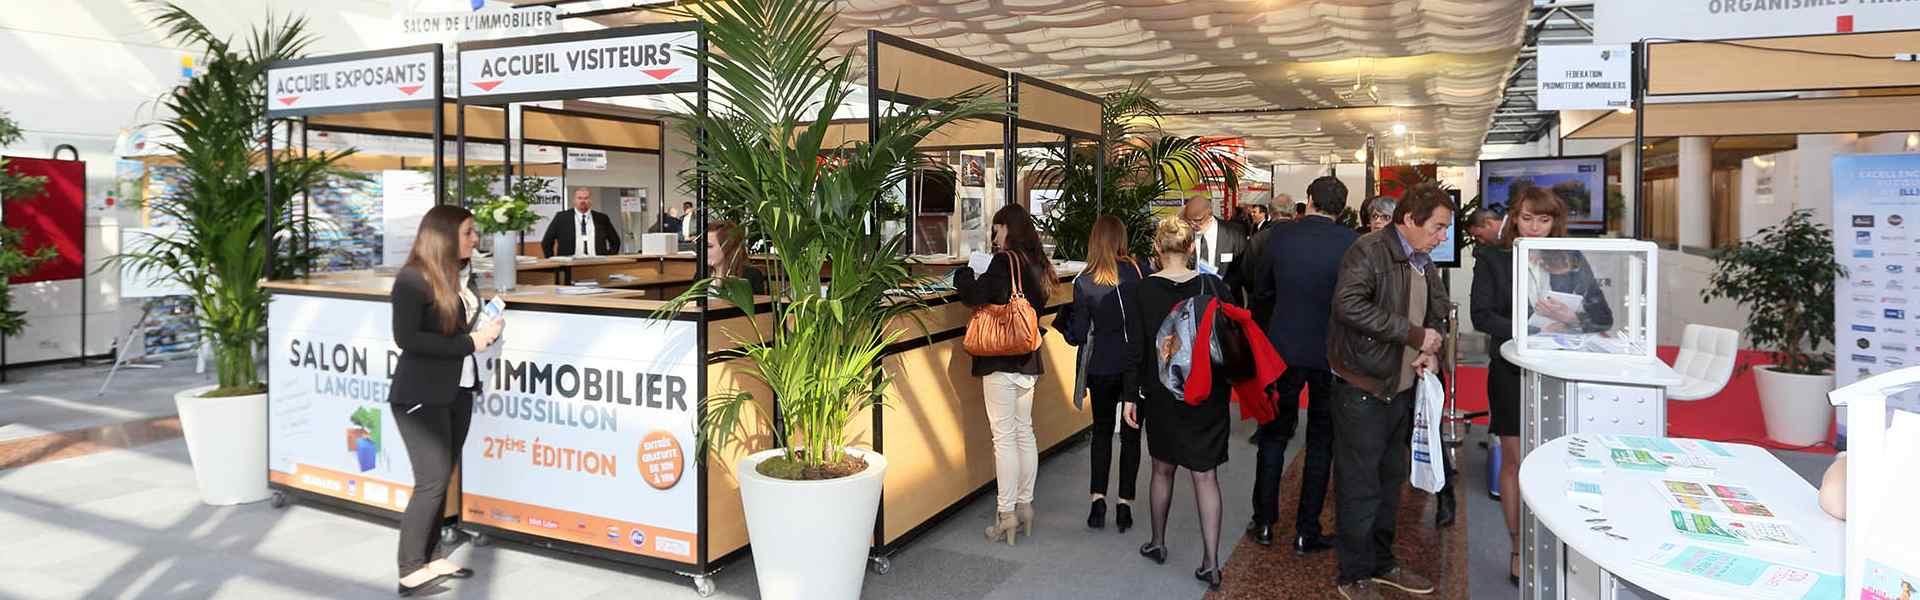 Programme immobilier Montpellier : Toutes mes recommandations pour investir et acheter au bon prix